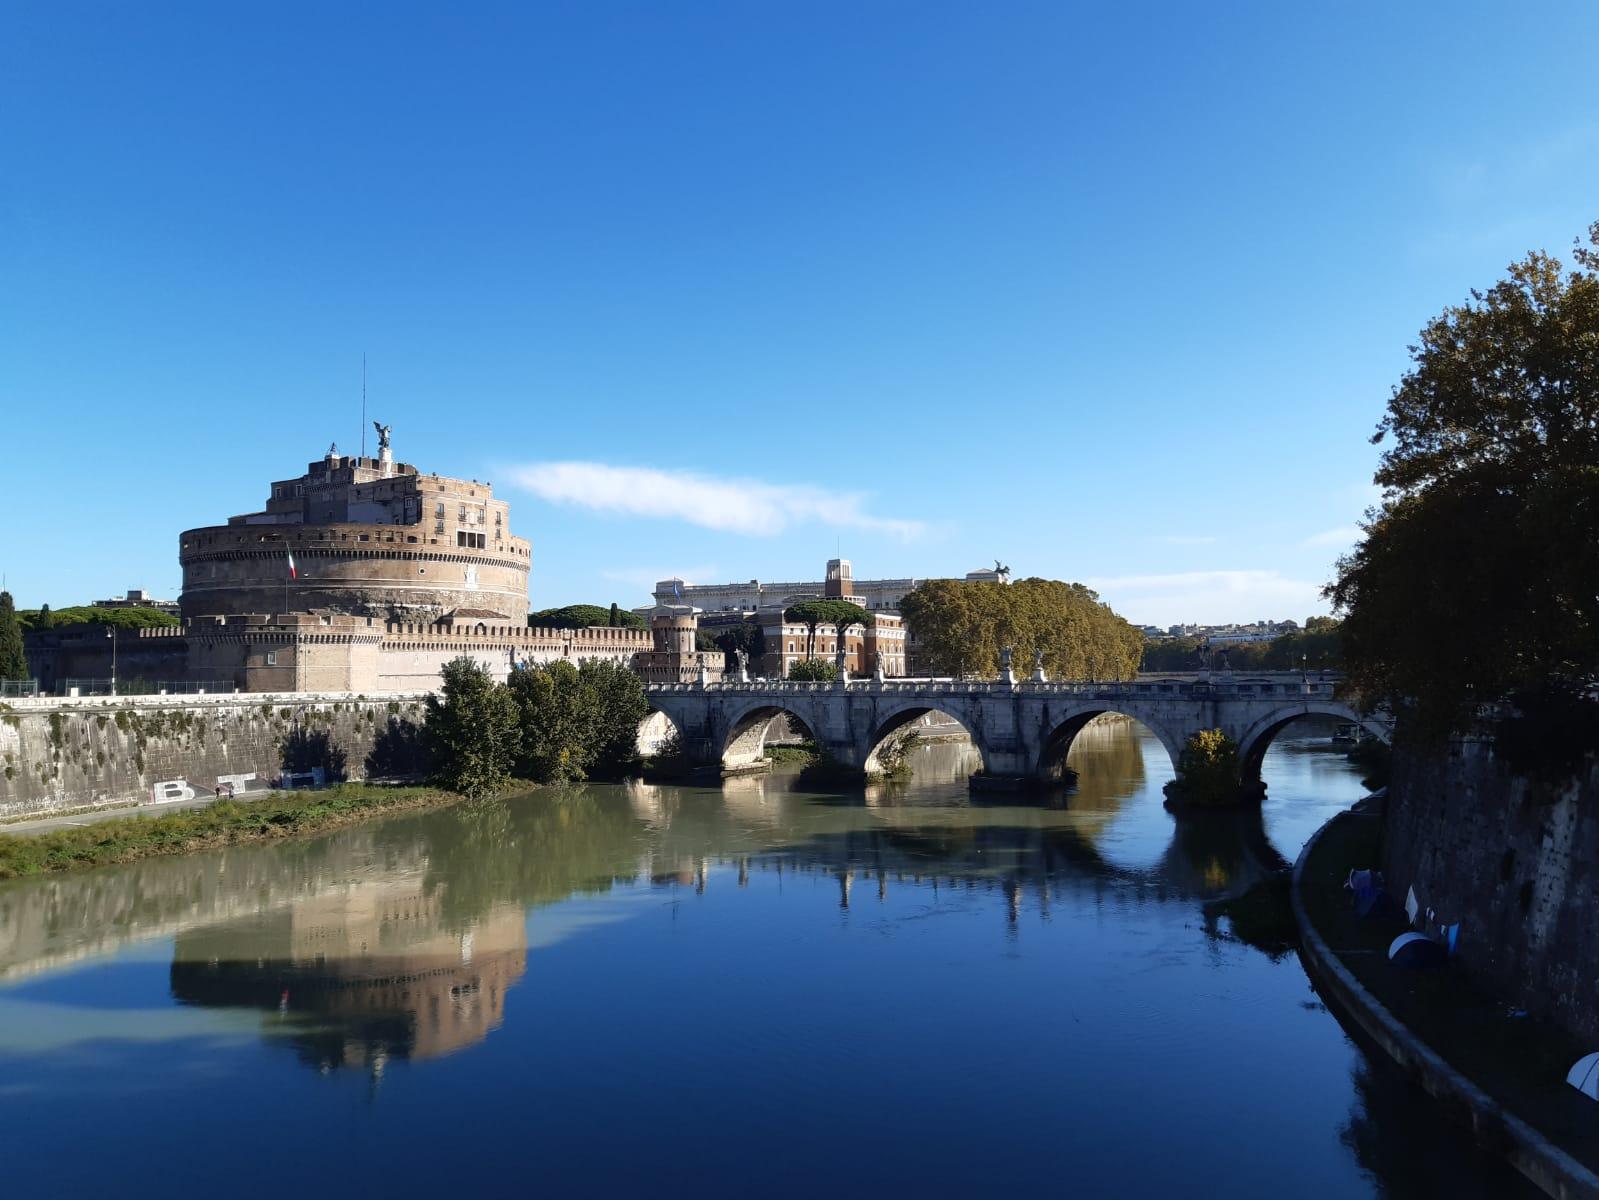 visite guidate a Castel Sant'Angelo con il passetto